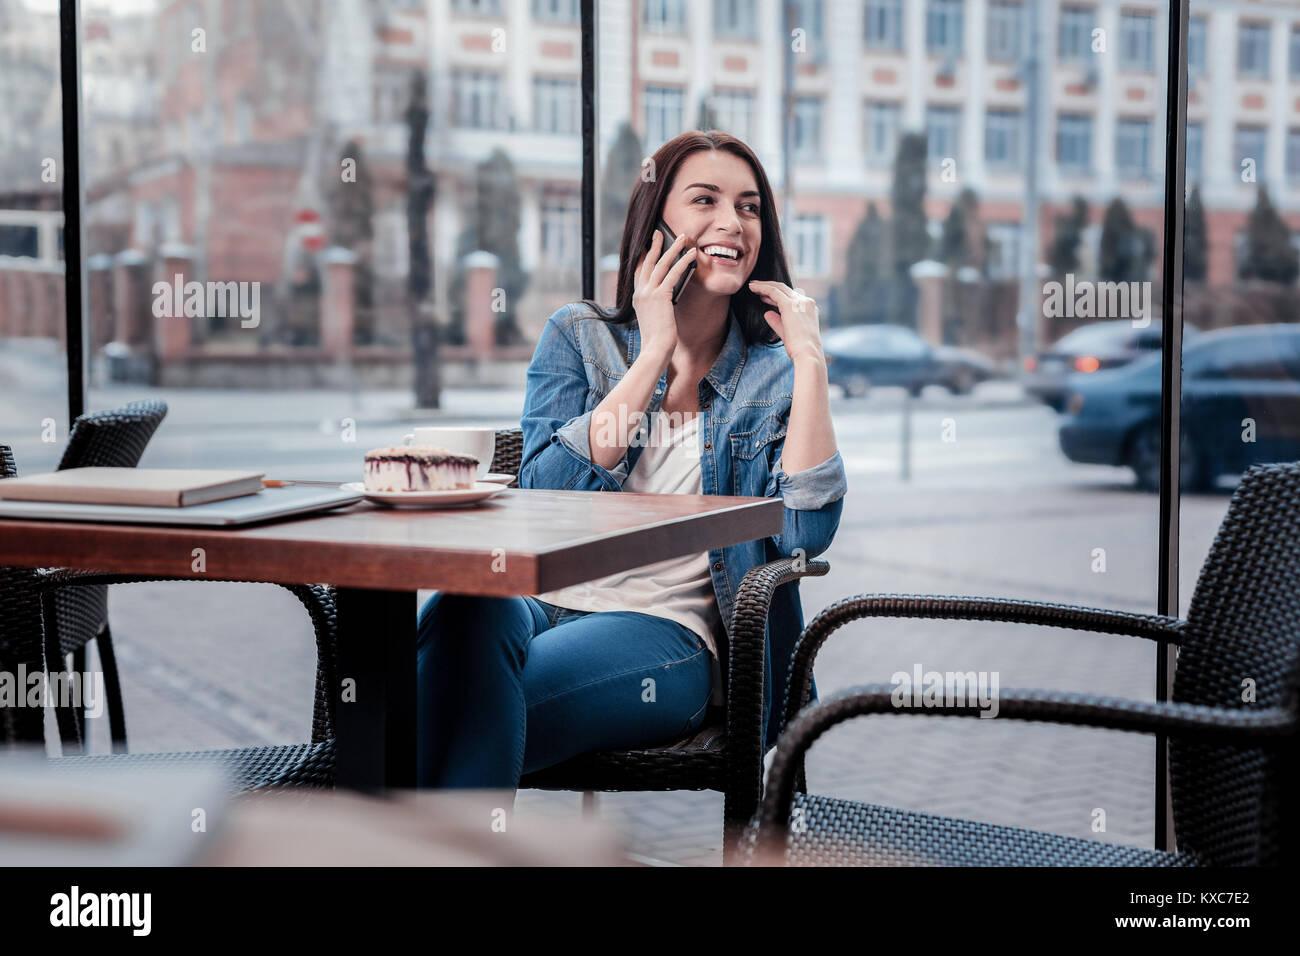 Fröhliche Freelancer in angenehmen Telefongespräch Stockfoto